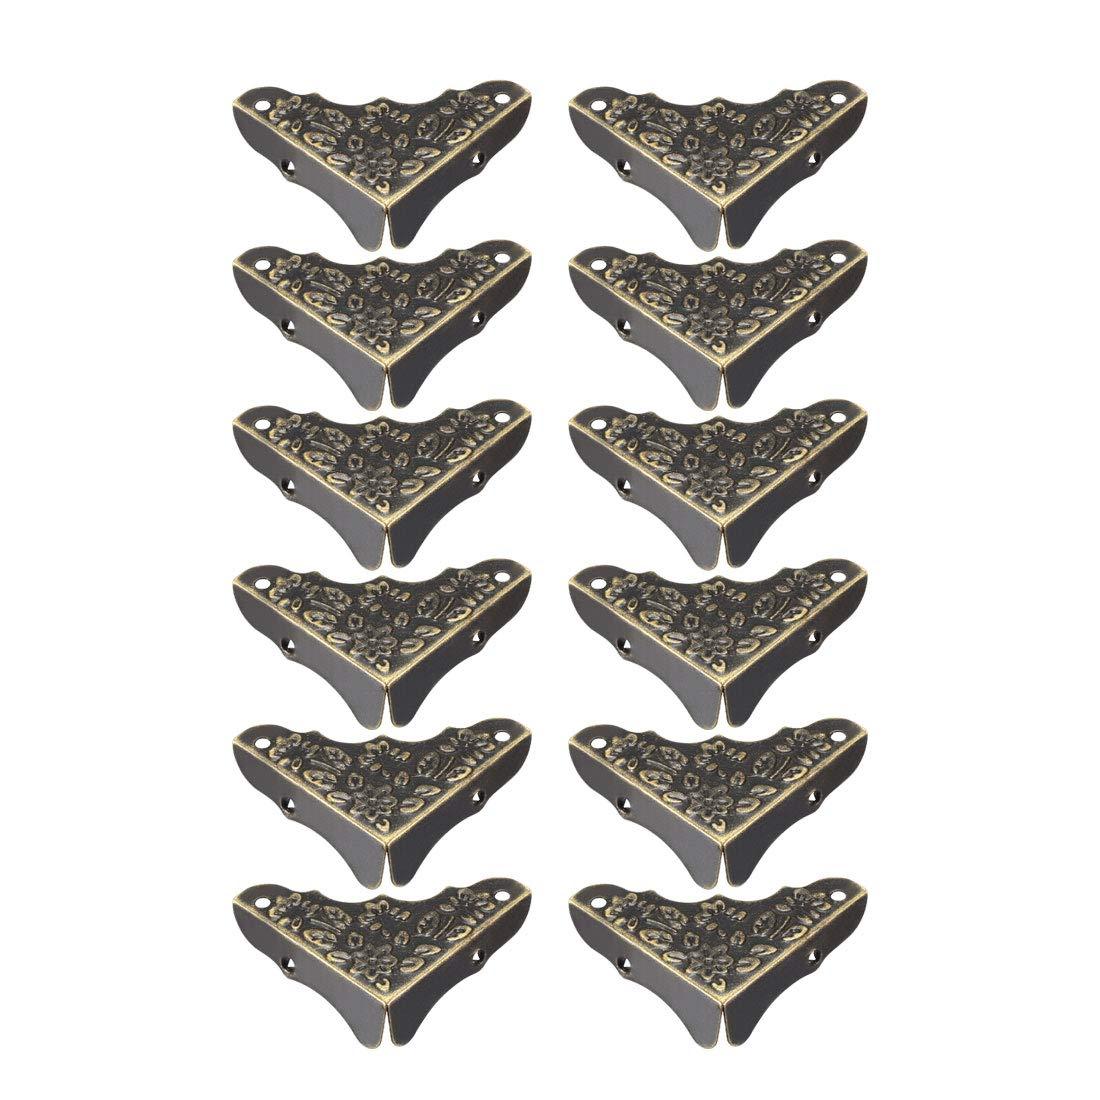 a19081200ux0089 8 St/ück. 39 x 39 x 8 mm uxcell Tischkantenschutz aus Metall